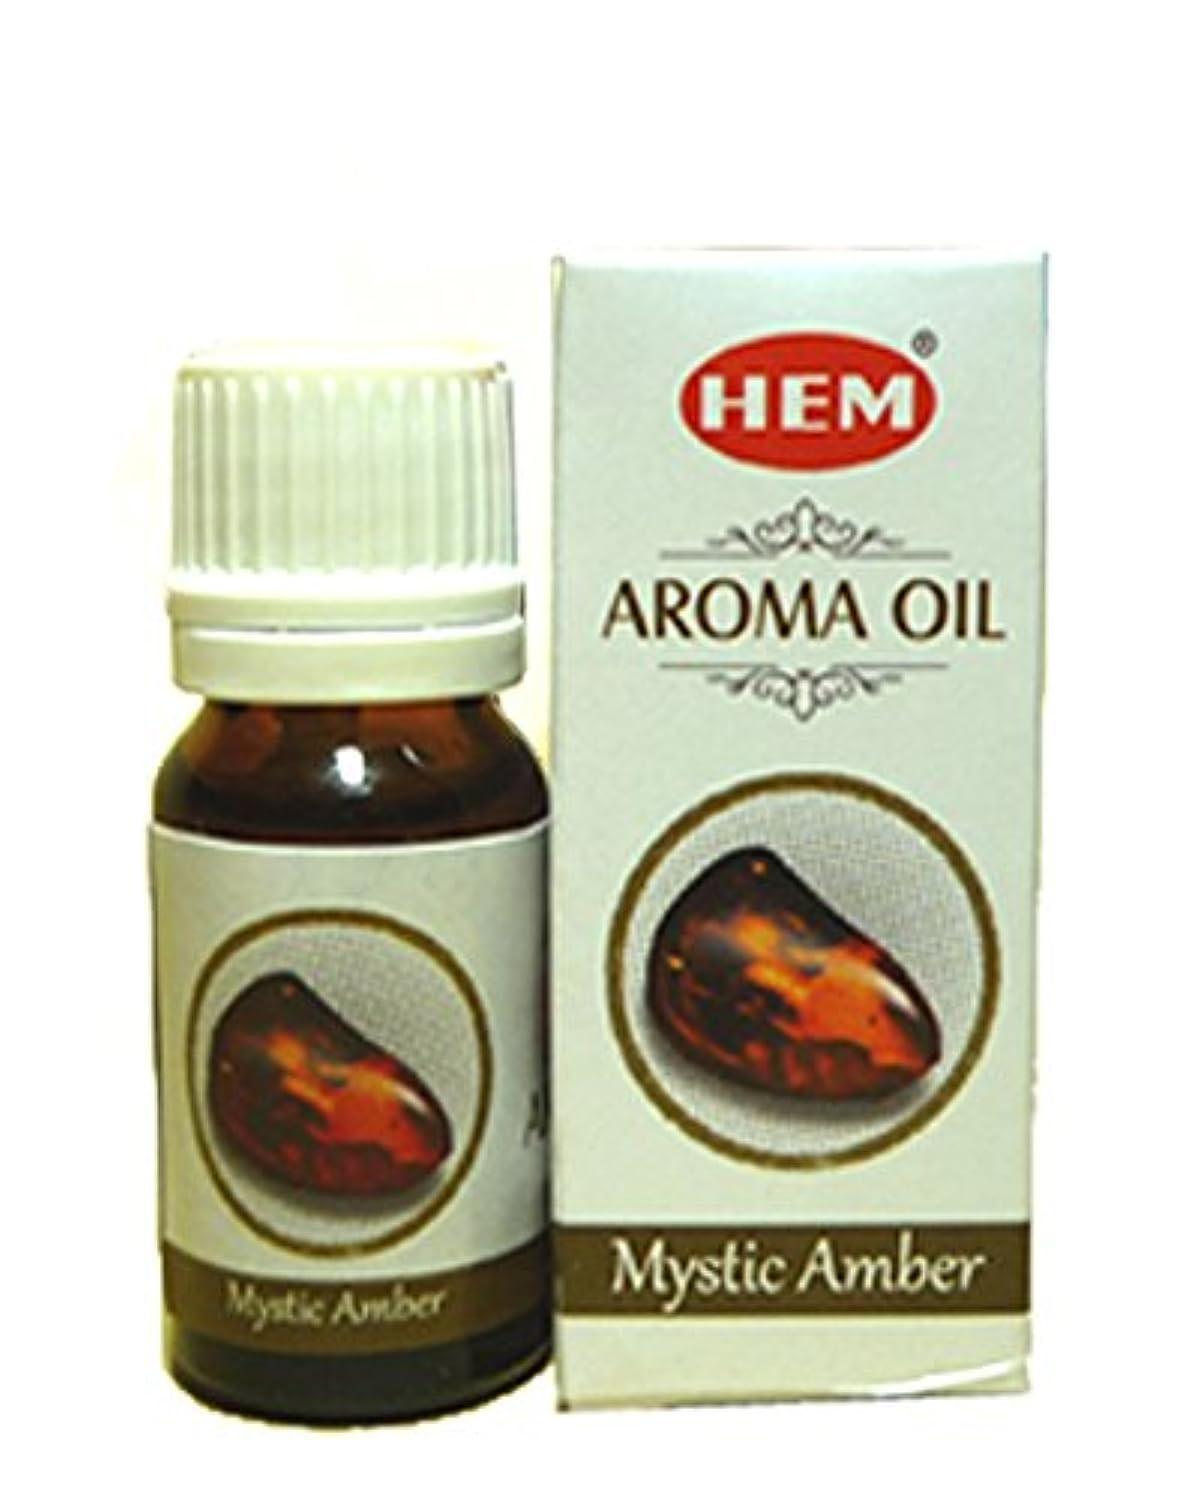 助けになる懐疑論凍結HEMのアロマオイル HEM AROMA OIL 10ml ミスティック アンバー MYSTIC AMBER